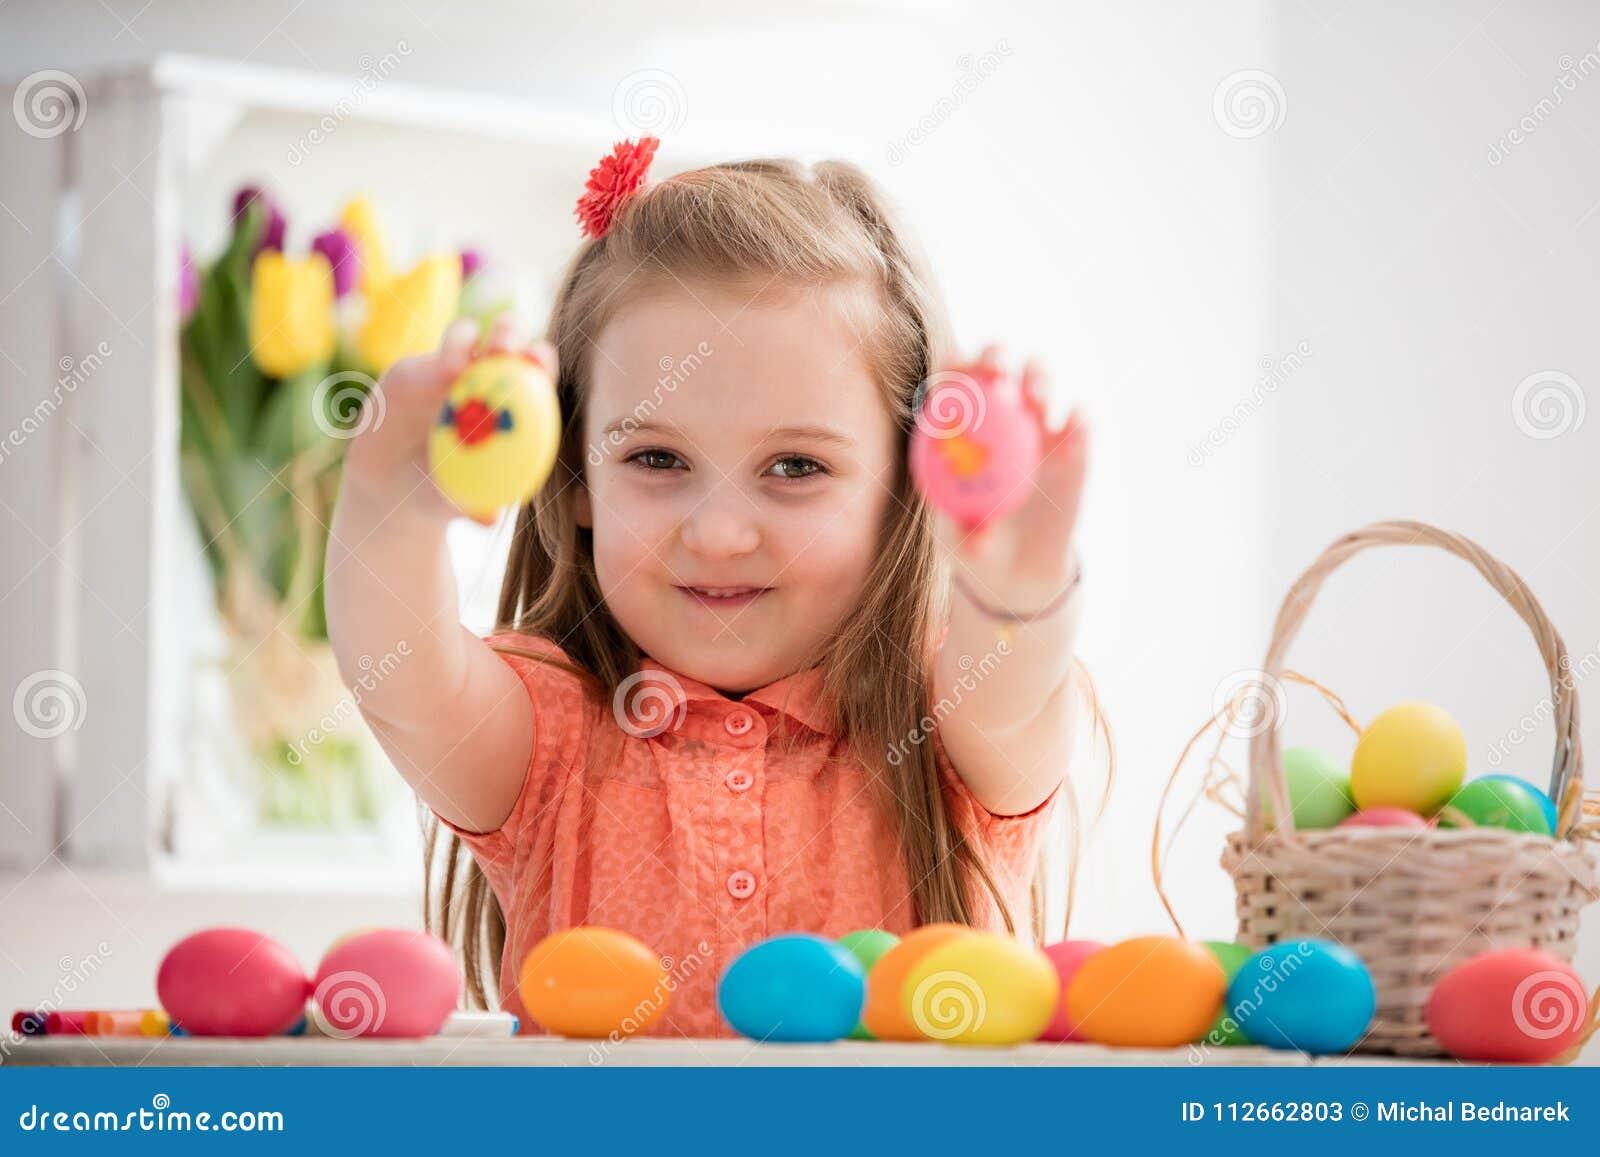 Μικρό κορίτσι που παρουσιάζει ζωγραφισμένα στο χέρι ζωηρόχρωμα αυγά της